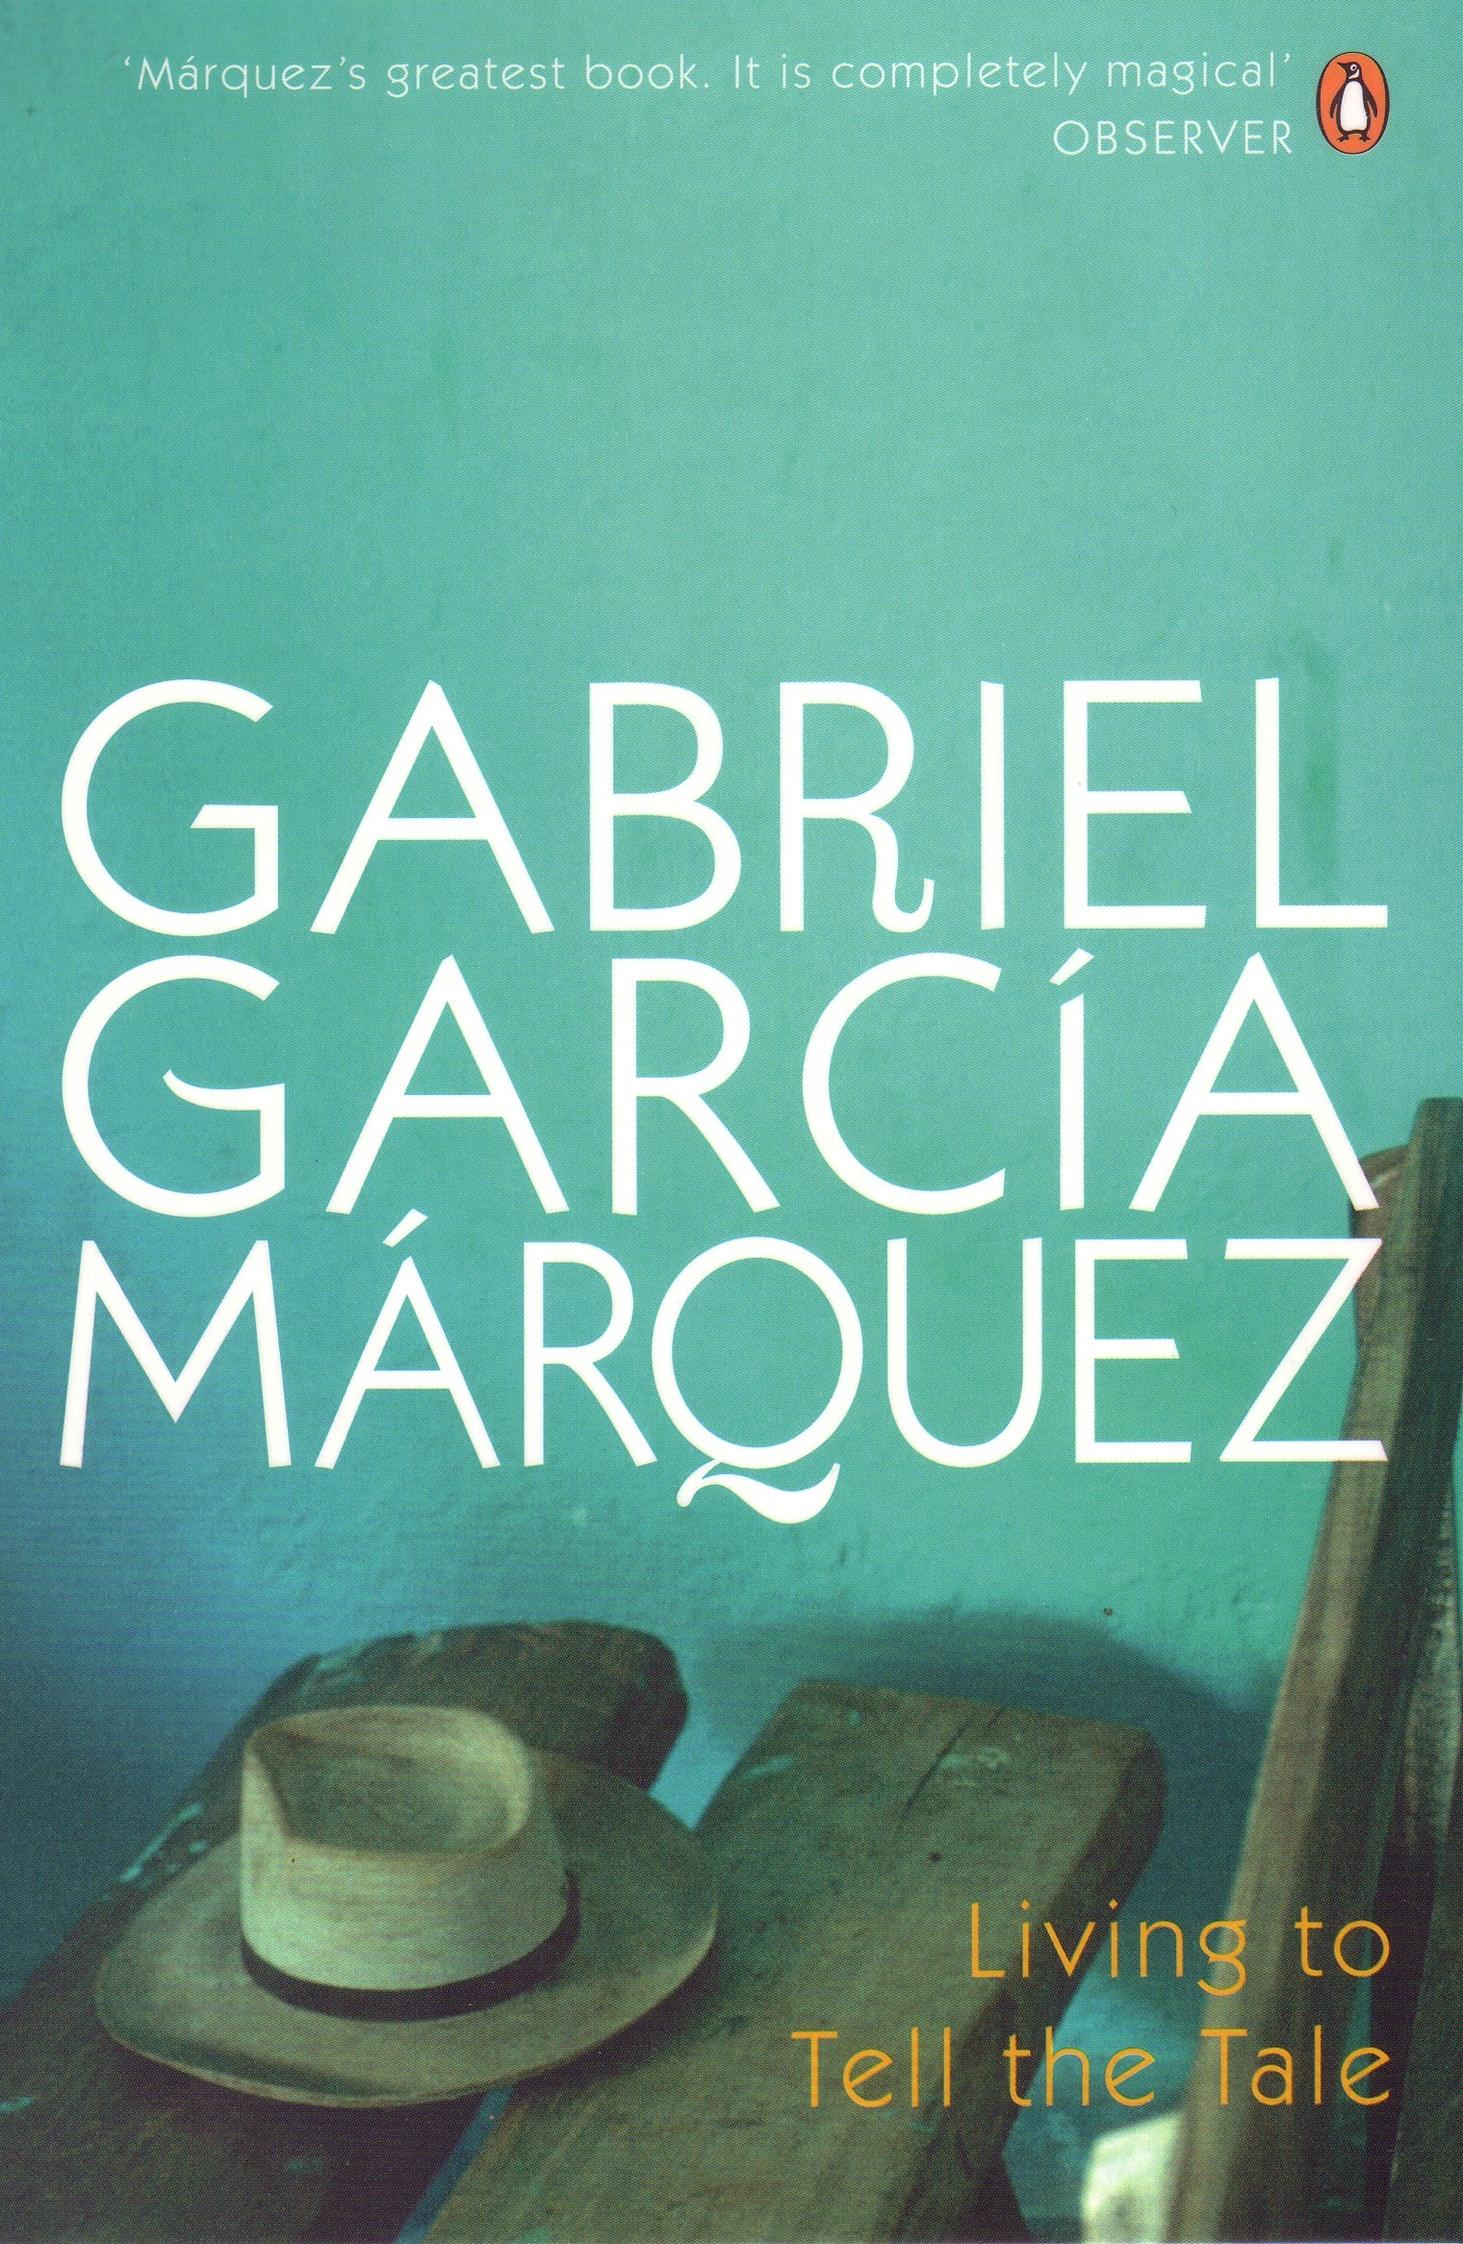 gabriel garcia marquez books -#main